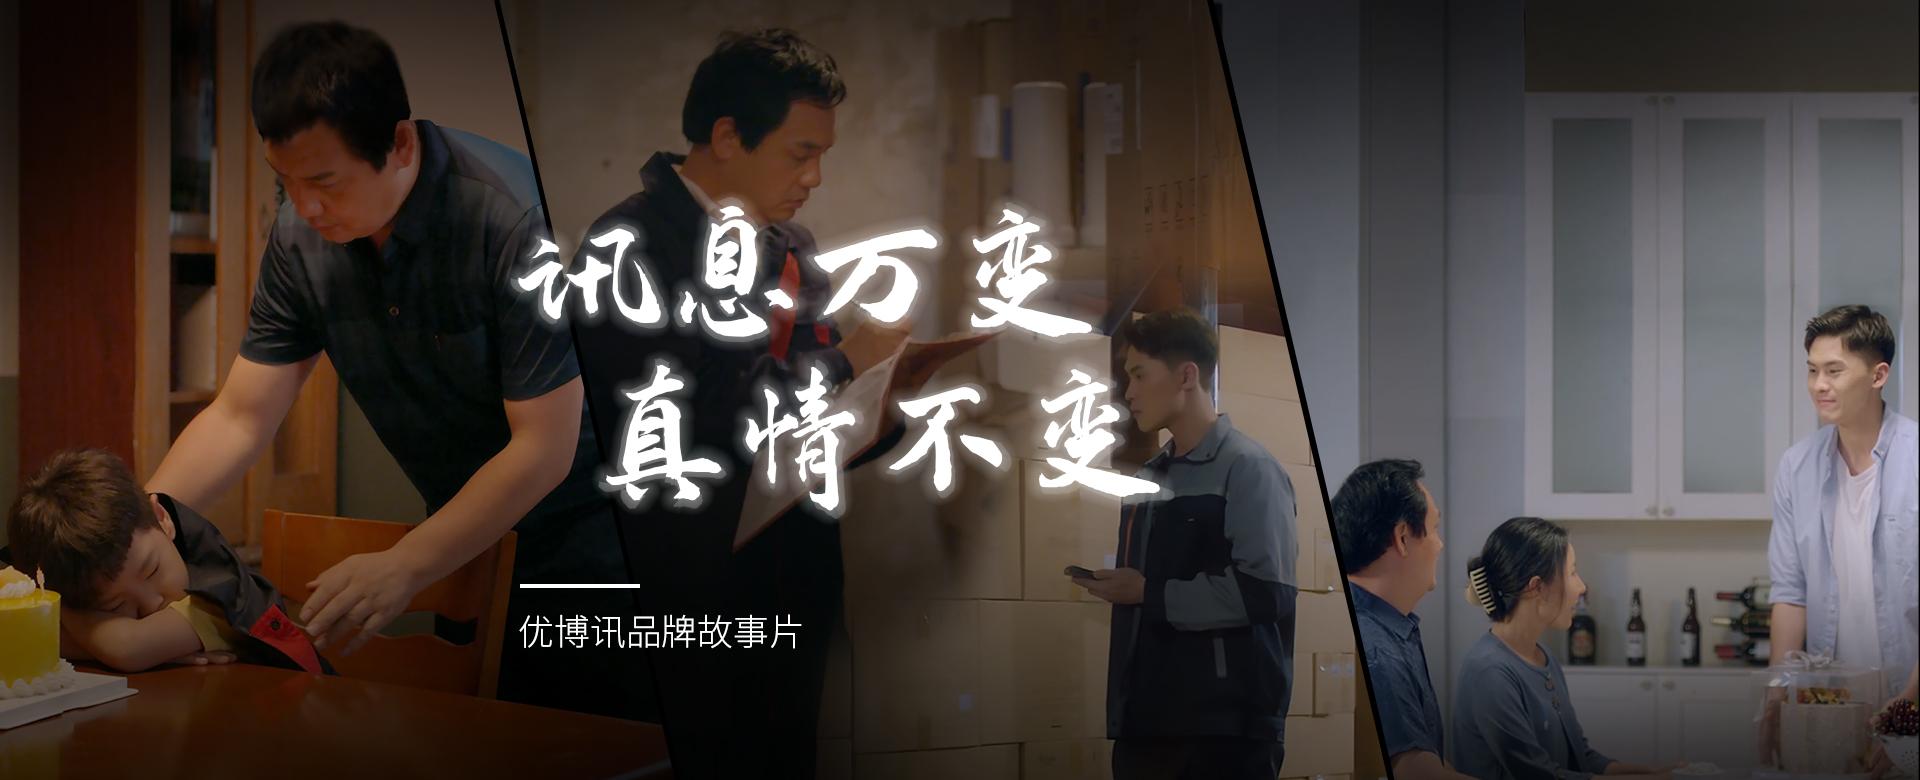 优博讯品牌故事片